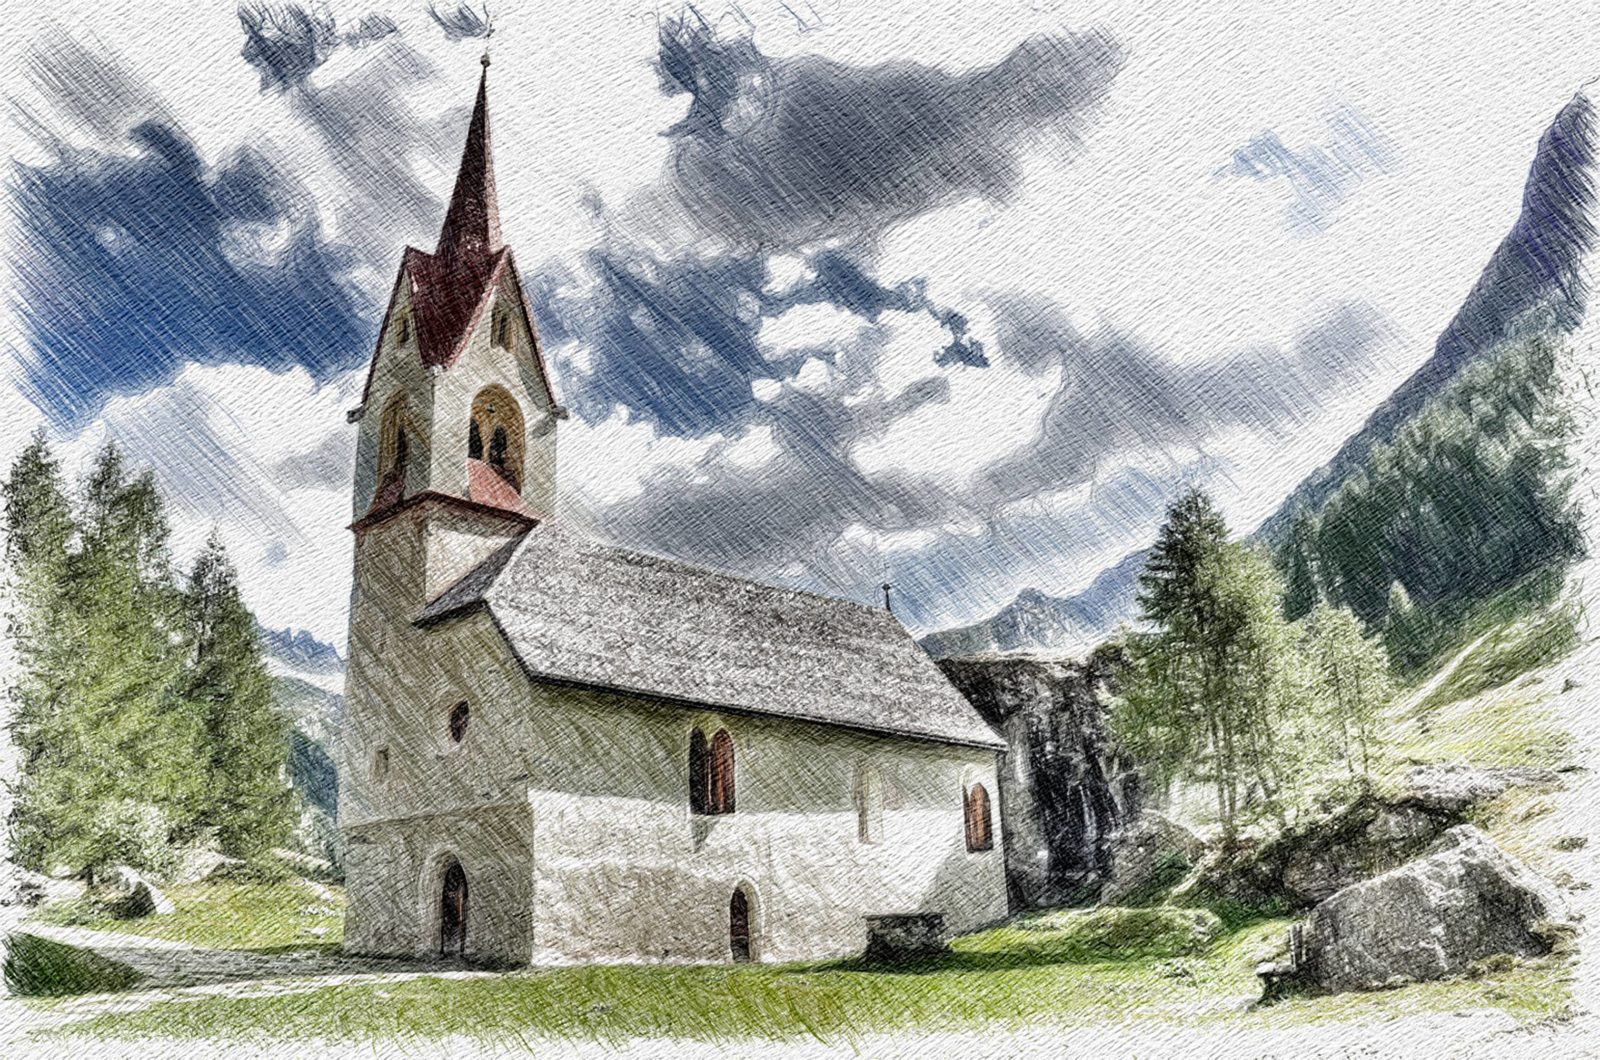 Chiesa di Santo Spirito in valle Aurina